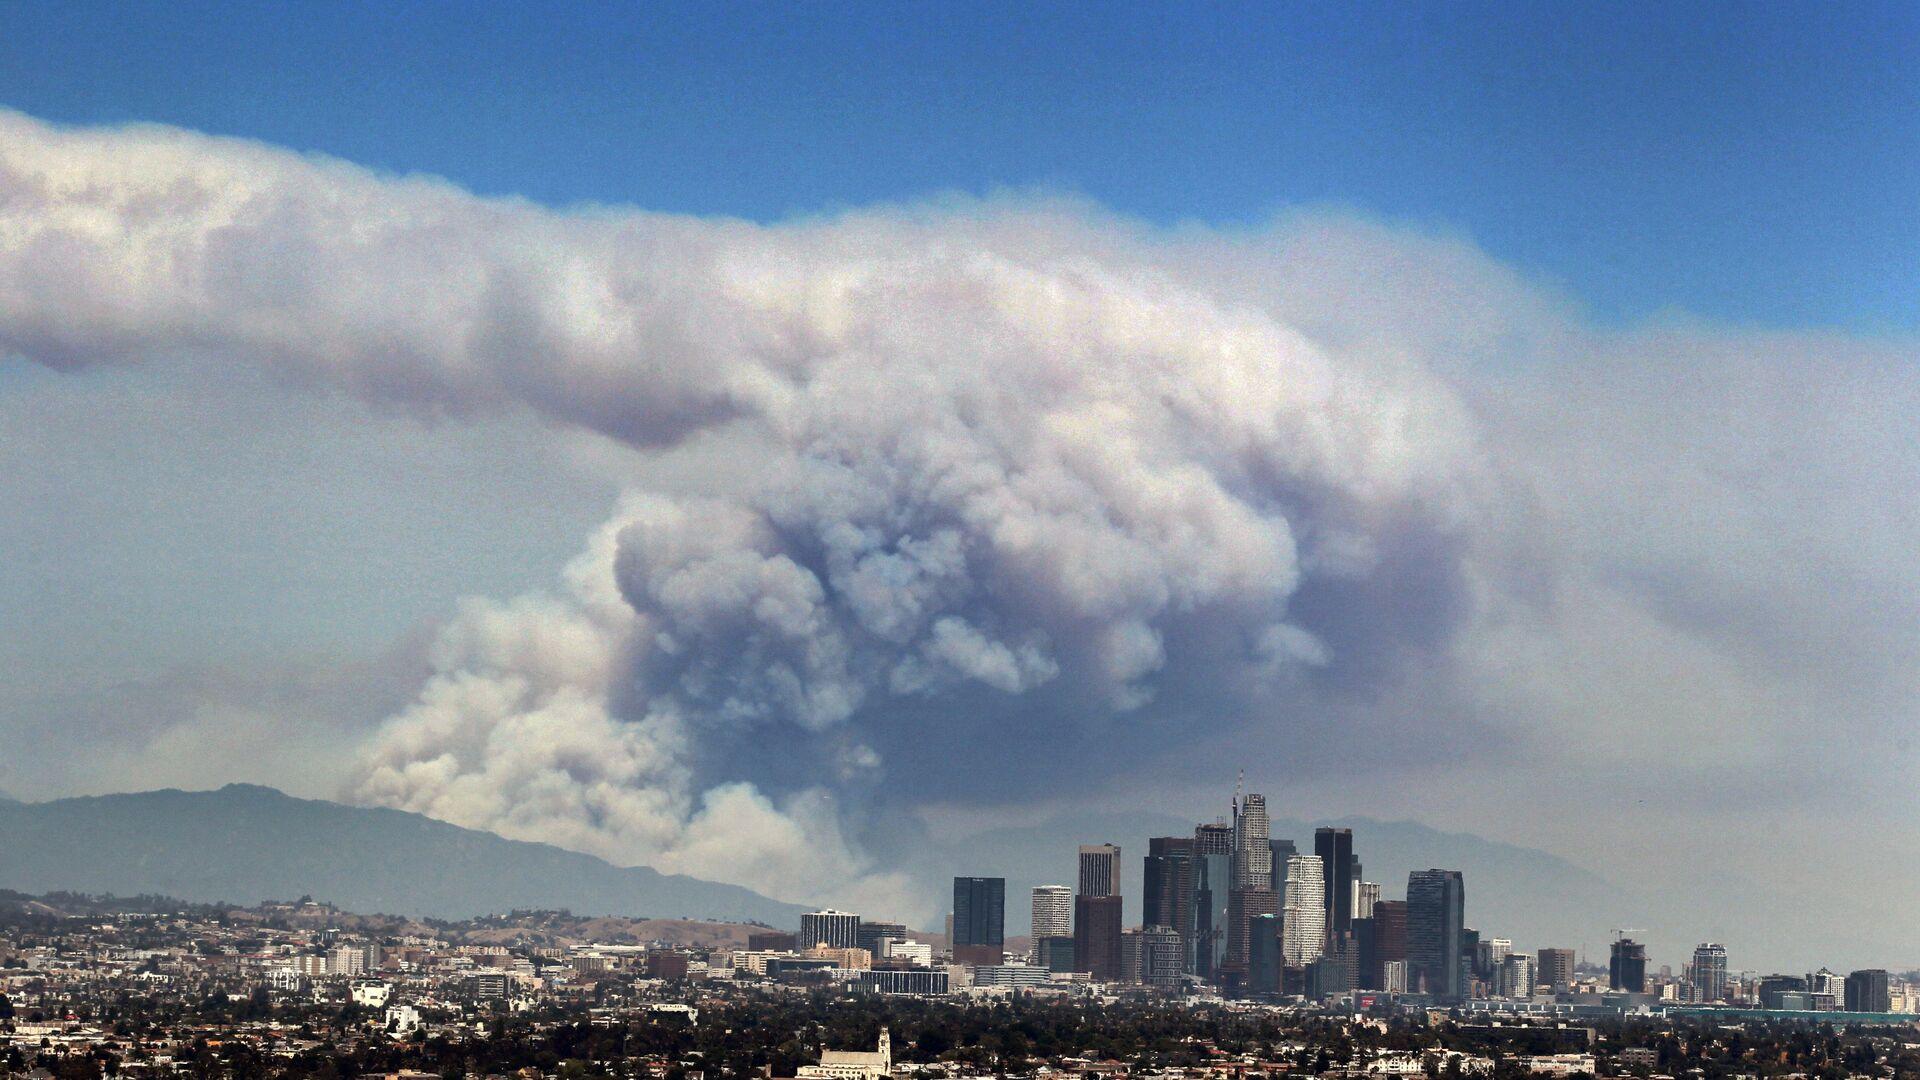 Дым от лесных пожаров, вызванных аномальной жарой, над Лос-Анджелесом, Калифорния, США - РИА Новости, 1920, 23.02.2021